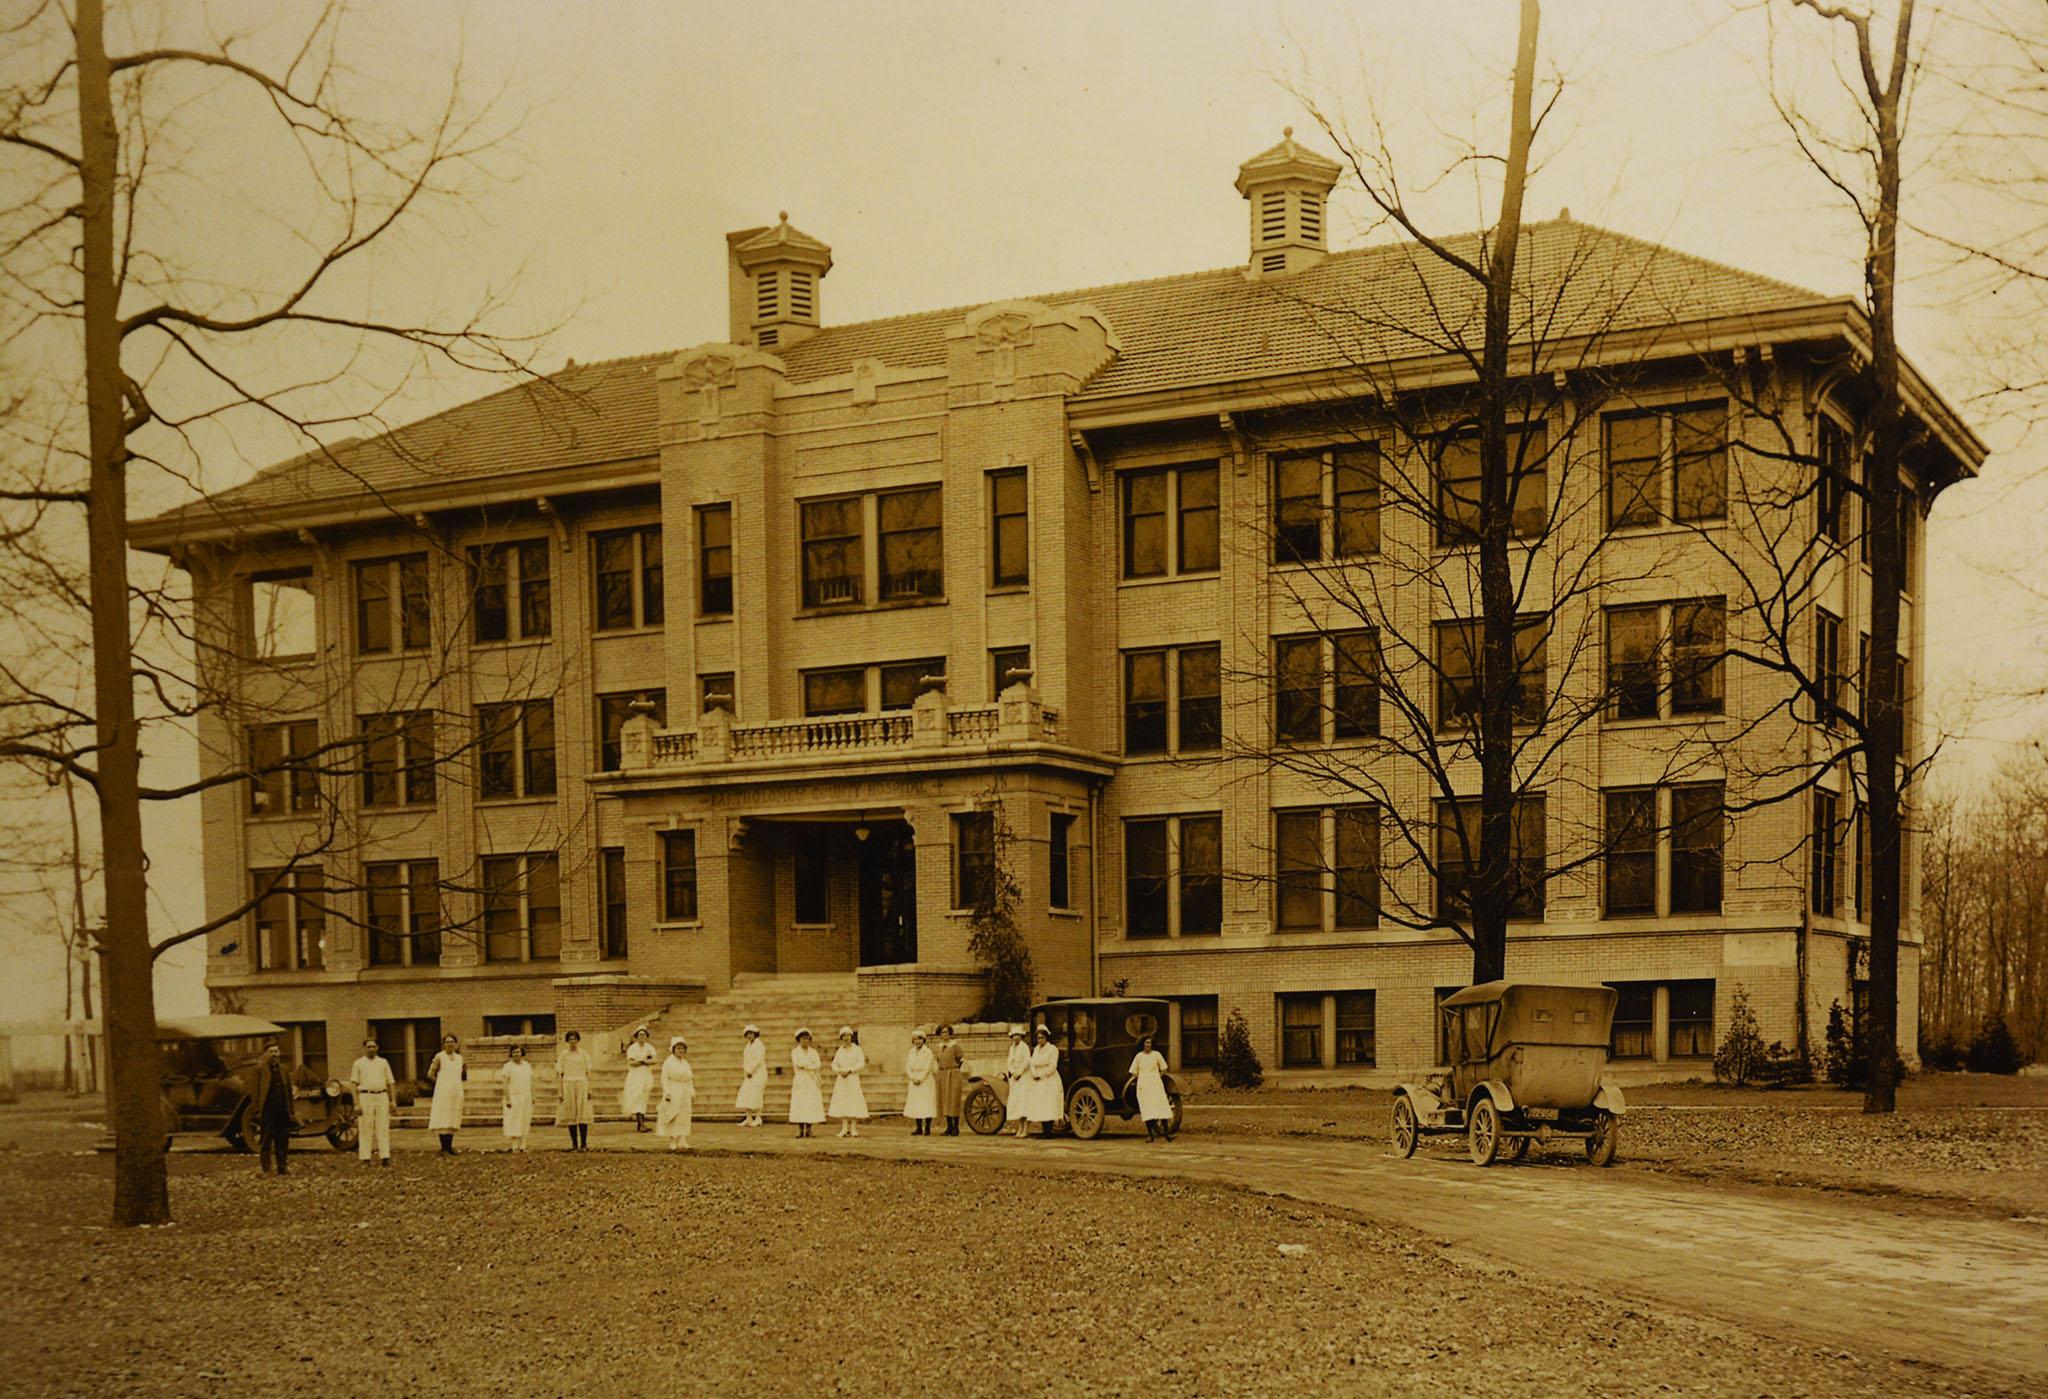 1917 photo of Bartholomew County Hospital